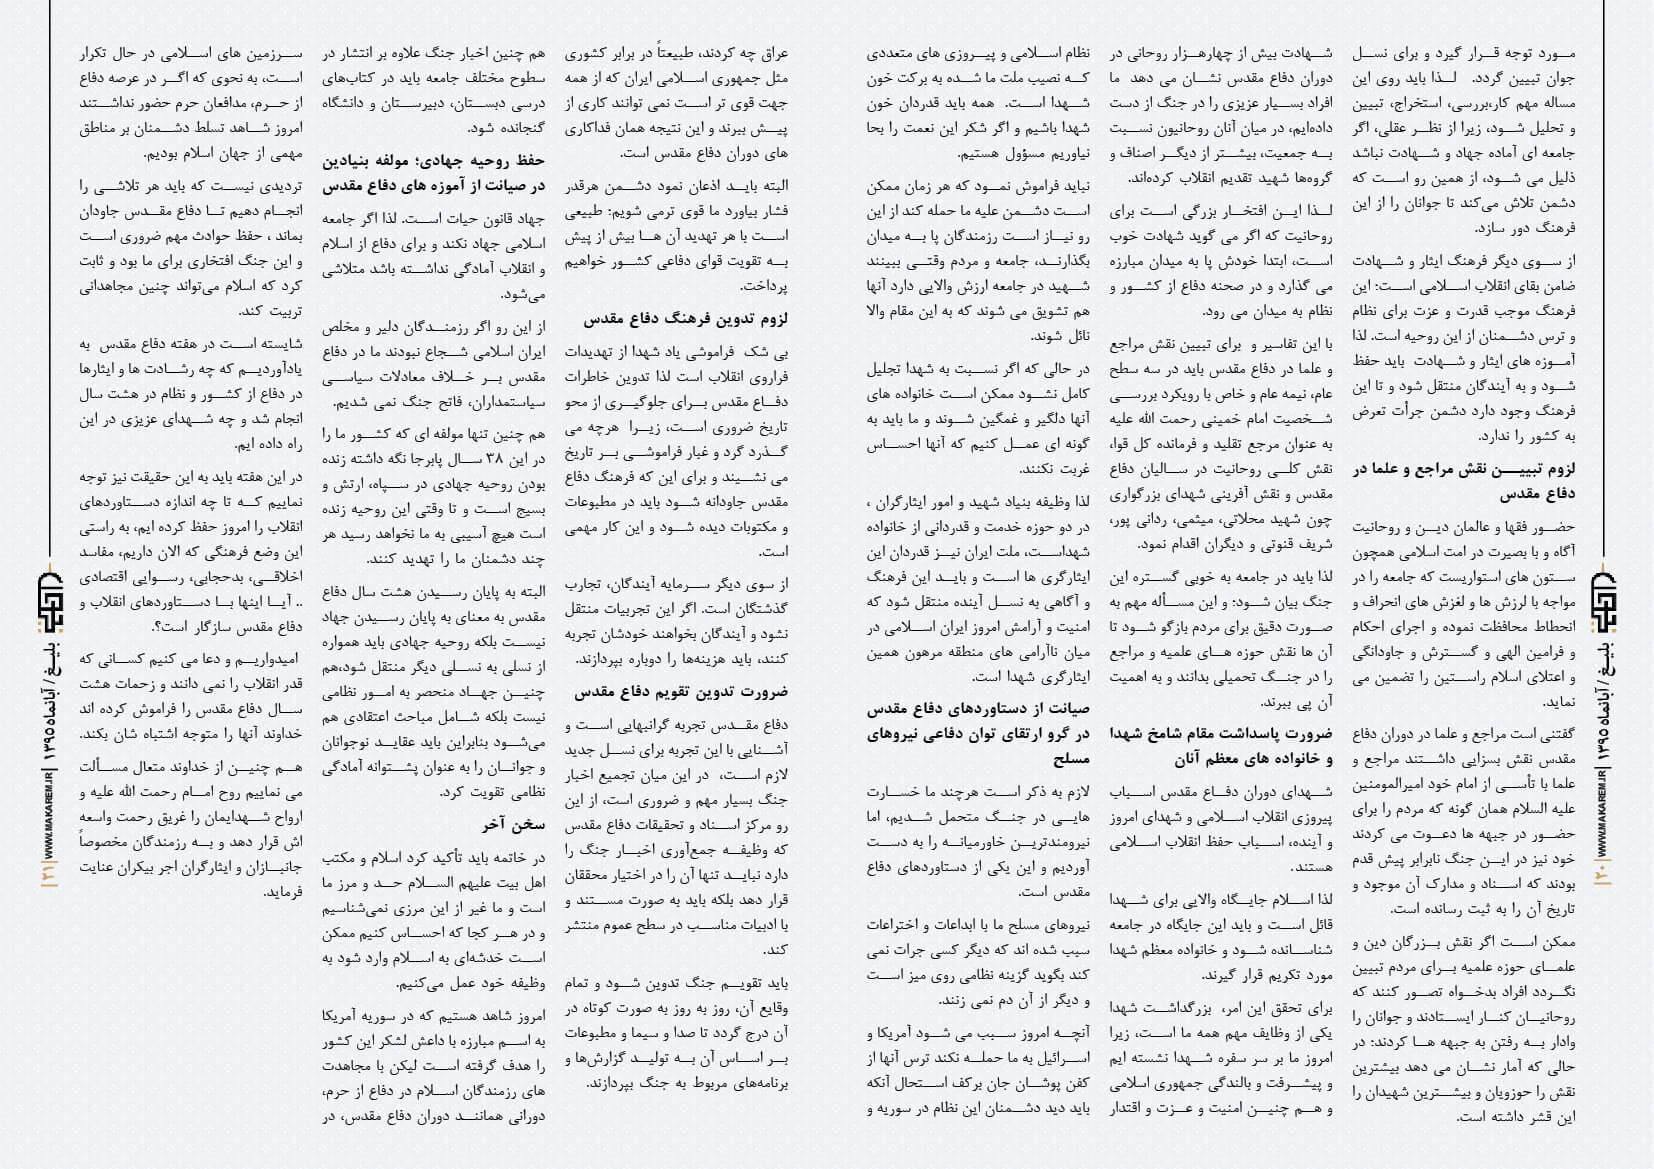 شاخصه های صیانت از ارزش های دفاع مقدس - قسمت دوم-مدرسه الامام امیر المومنین (ع)